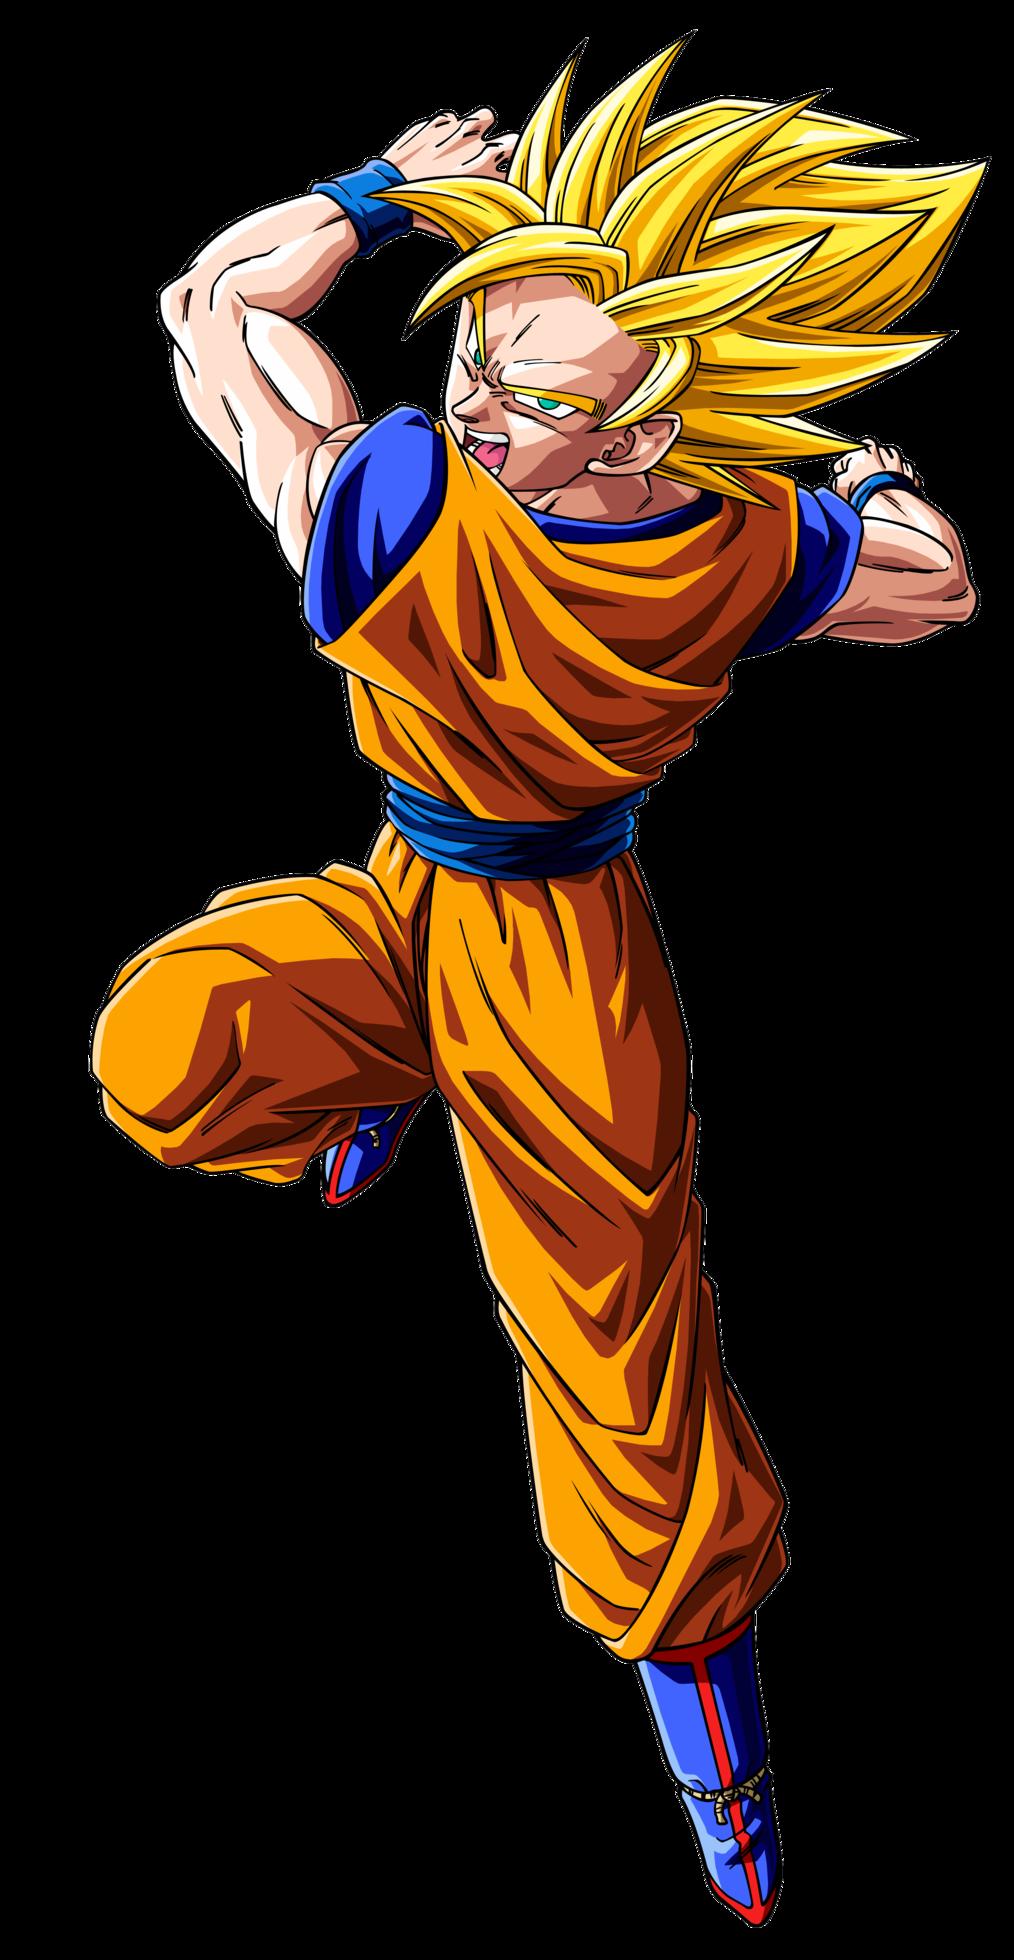 Dragon Ball Z Goku Transparent Image.